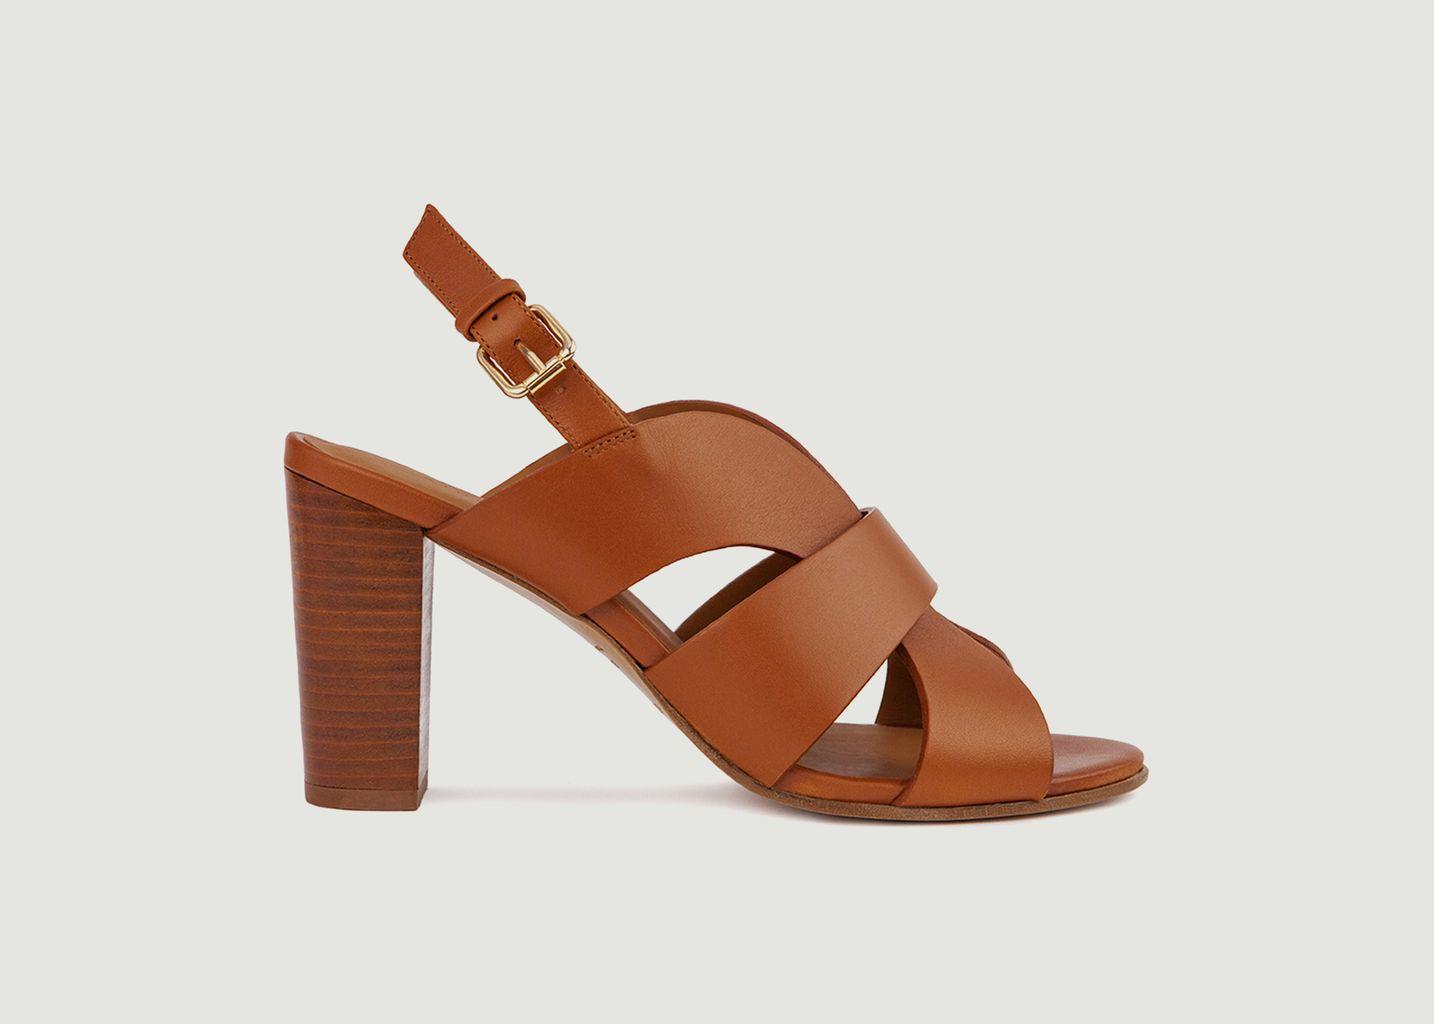 Sandales en cuir N°55 - Rivecour